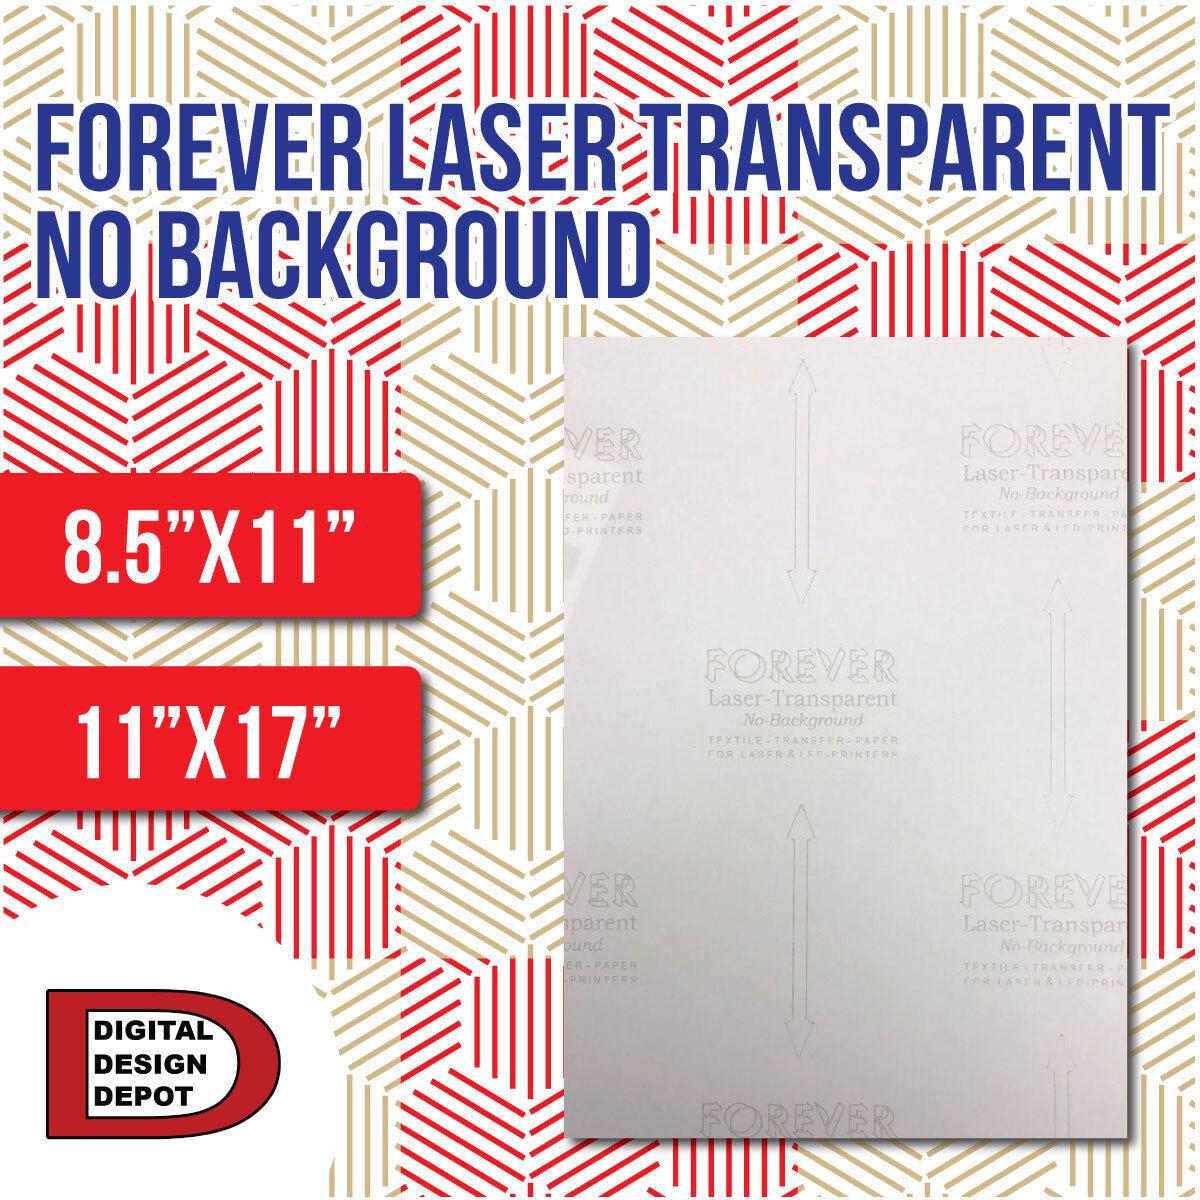 Forever Laser Transparent No Background HEAT TRANSFER PAPER